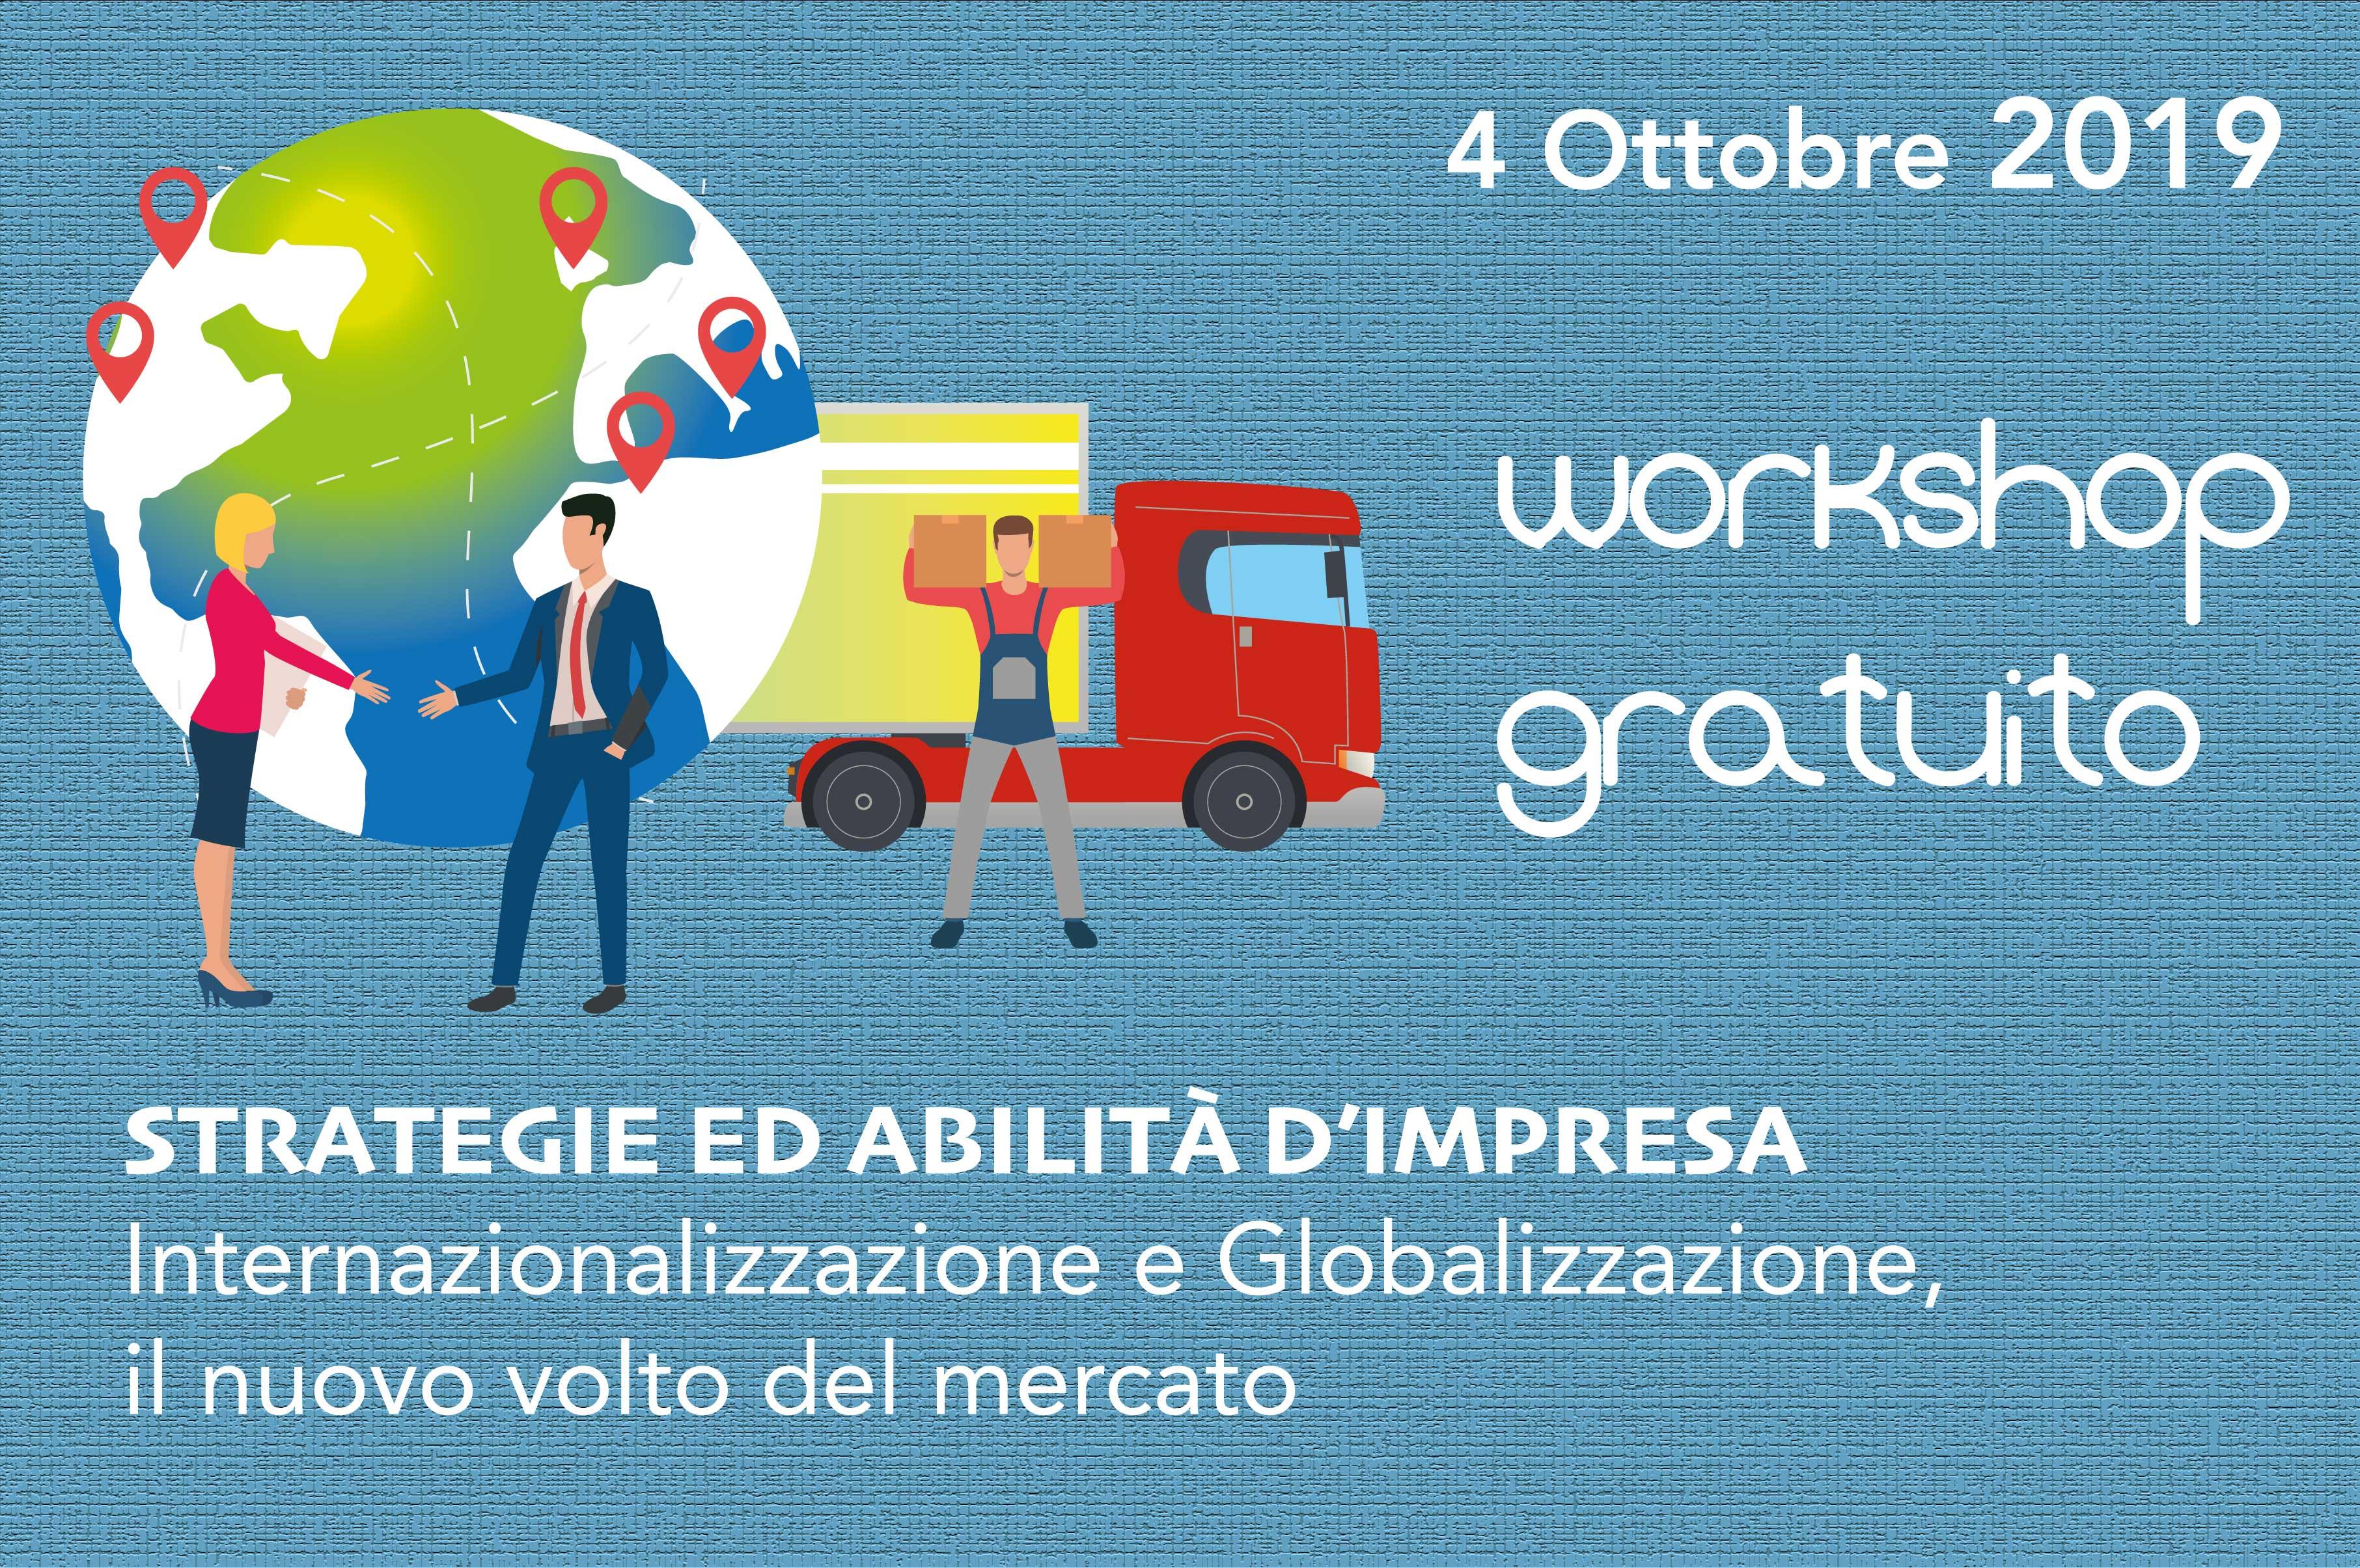 Workshop Gratuito: STRATEGIE ED ABILITÀ D'IMPRESA Internazionalizzazione e Globalizzazione, il nuovo volto del mercato